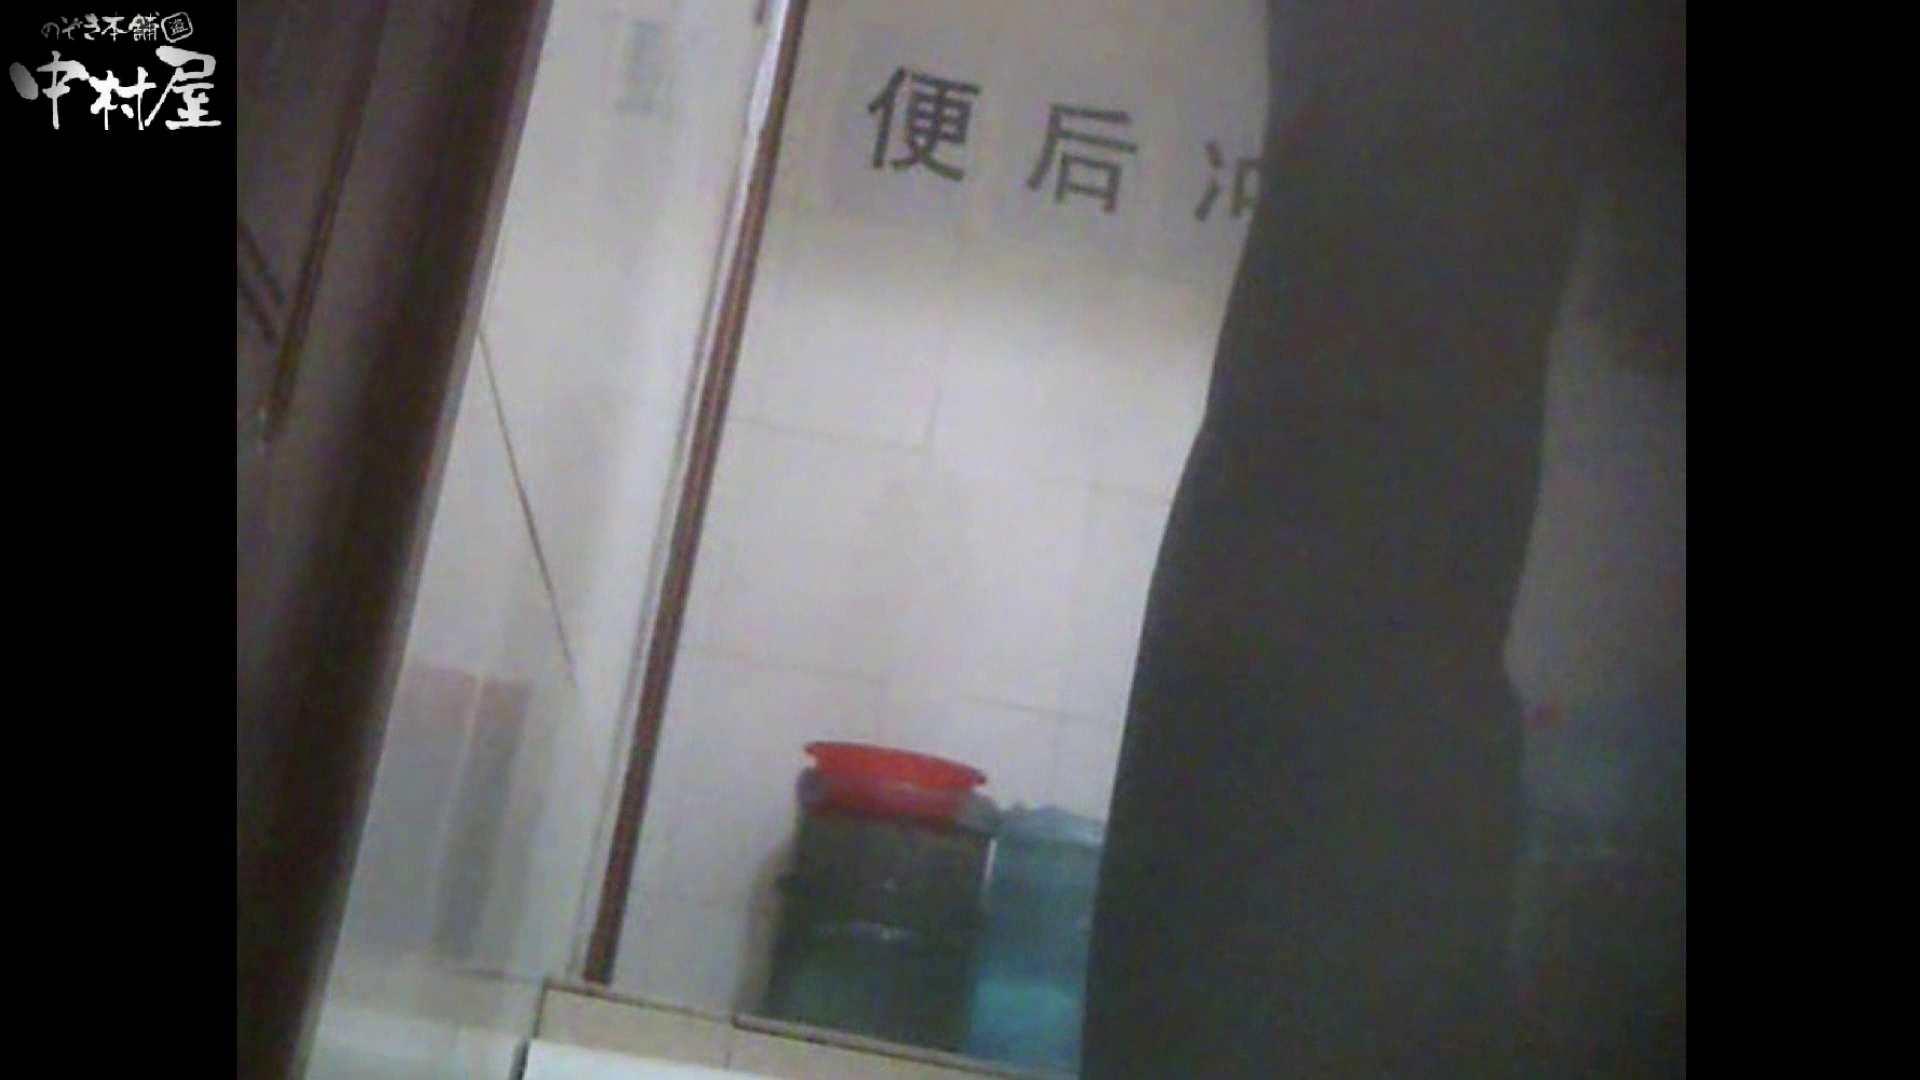 李さんの盗撮日記 Vol.03 HなOL AV無料動画キャプチャ 101pic 23